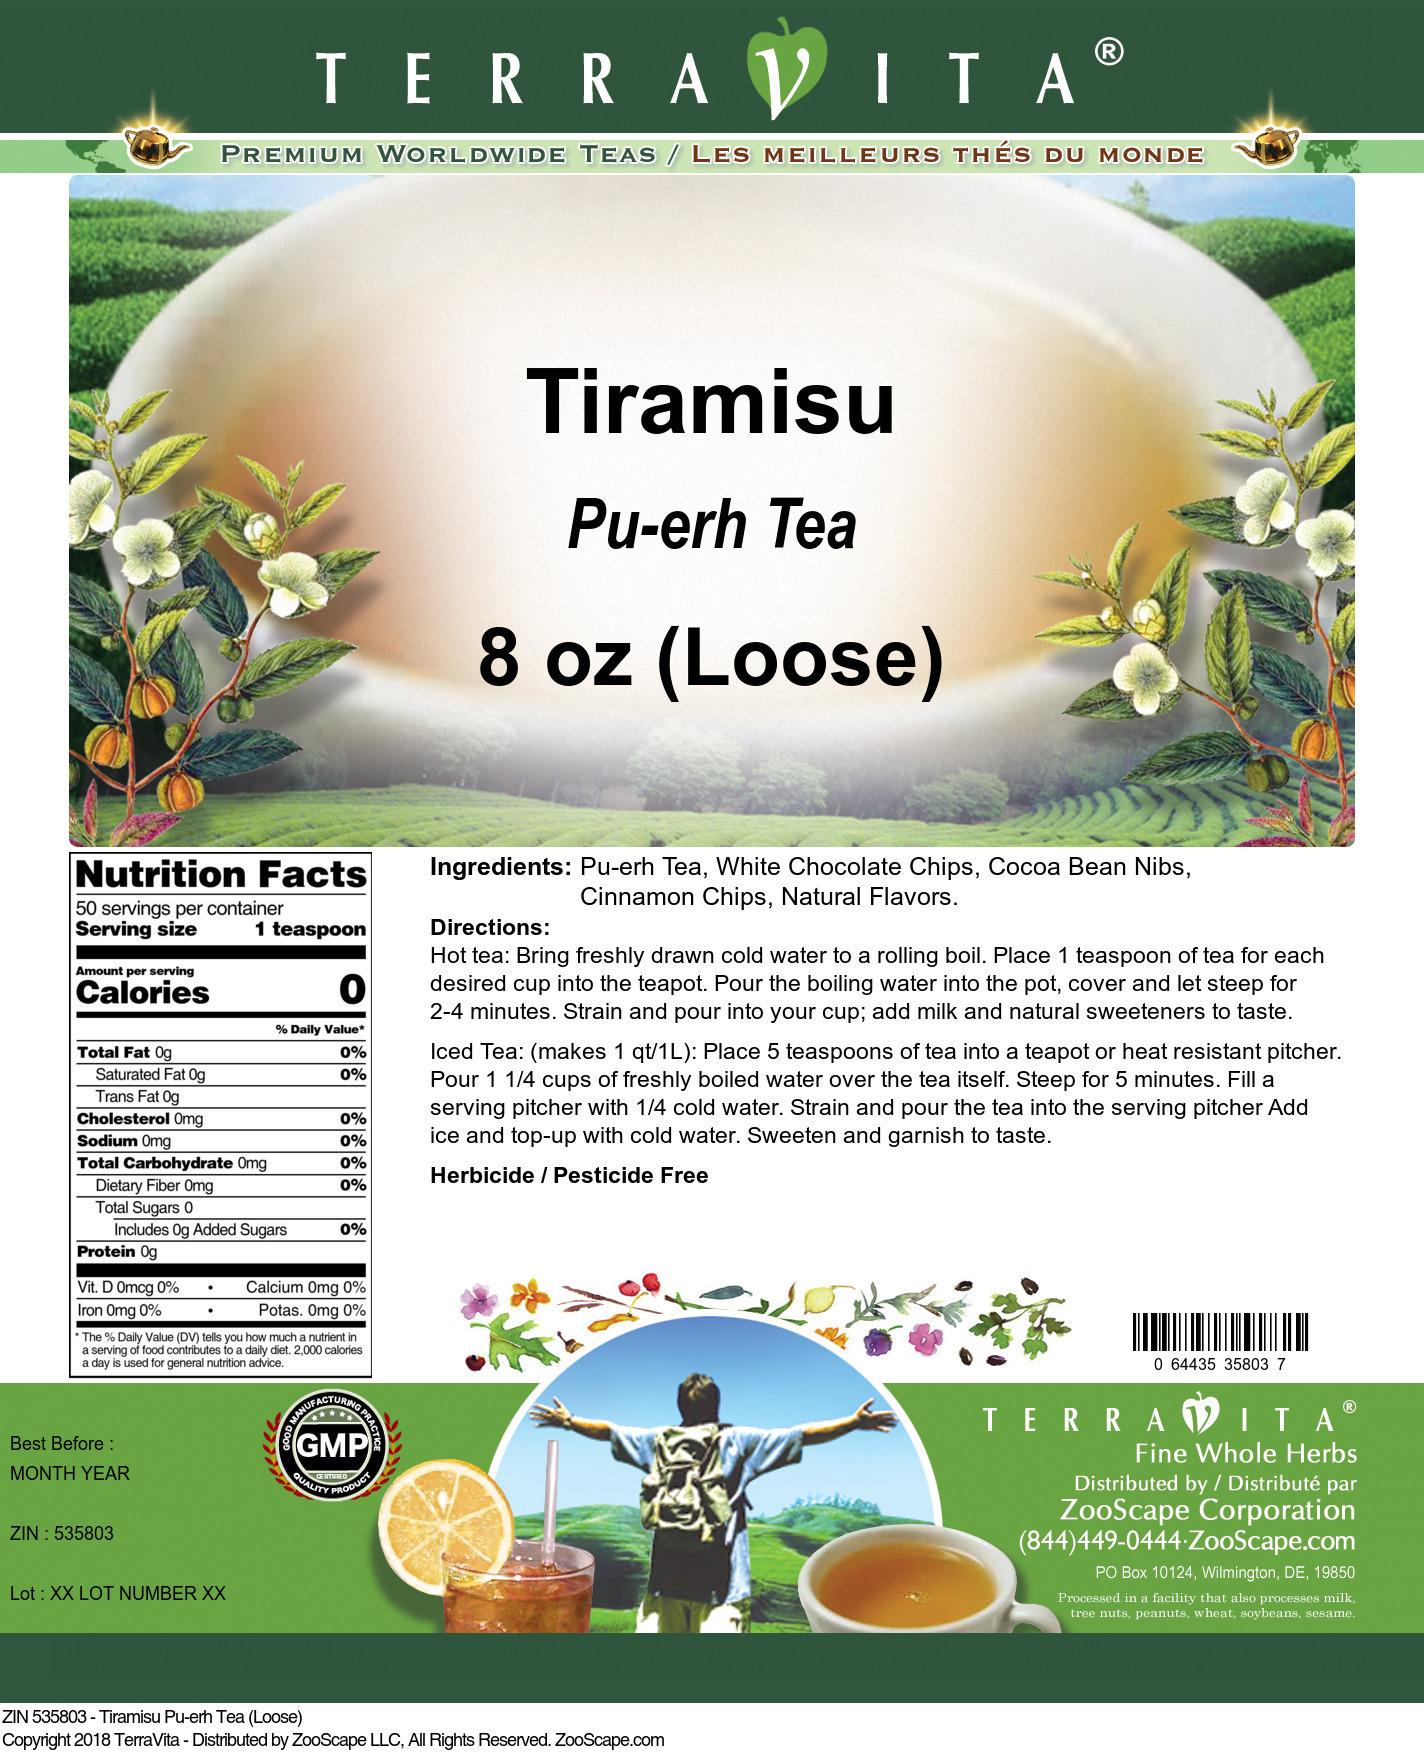 Tiramisu Pu-erh Tea